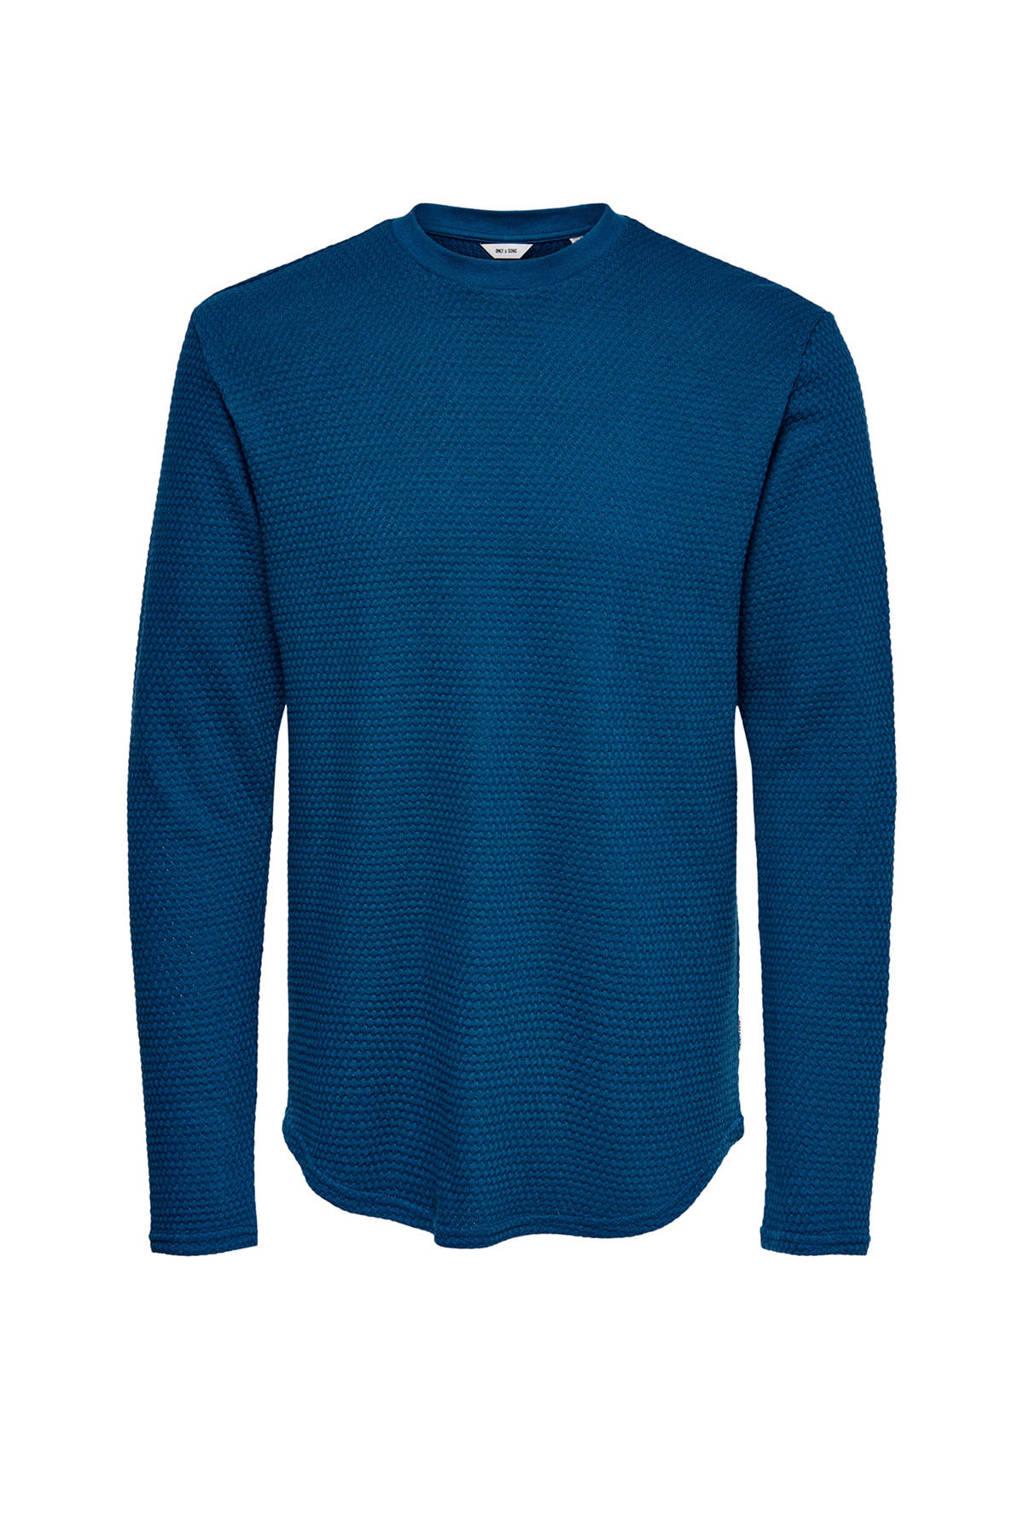 ONLY & SONS sweater van biologisch katoen blauw, Blauw